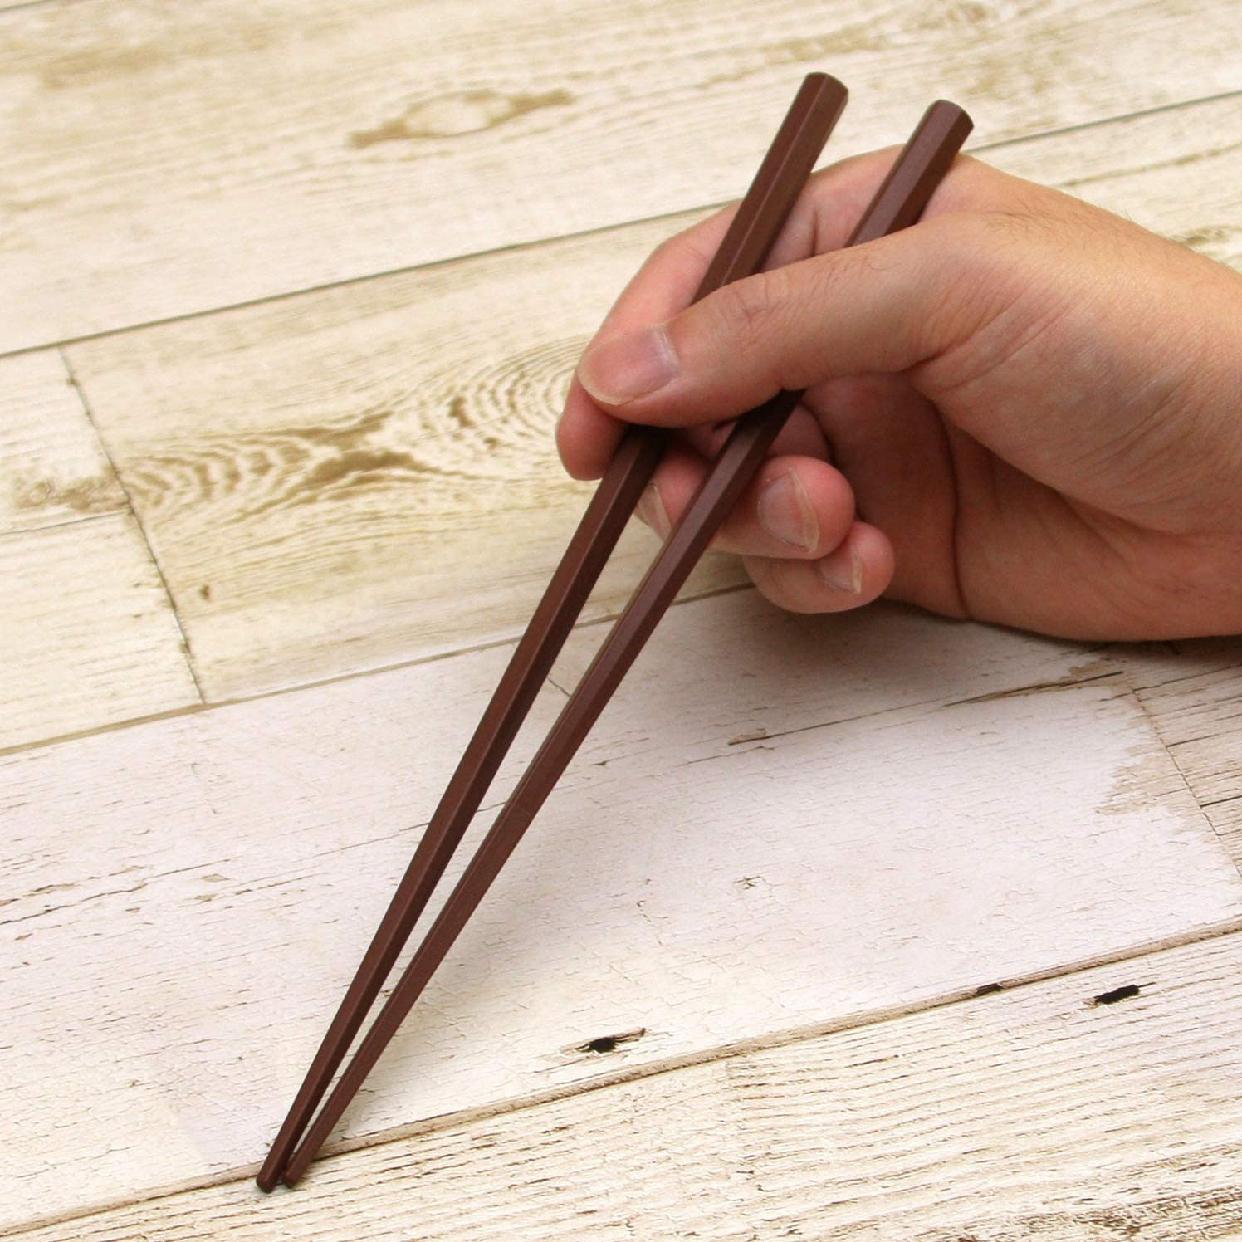 SUNLIFE(サンライフ) 彩り六角PBT箸 23cm 5膳セット 316450の商品画像5